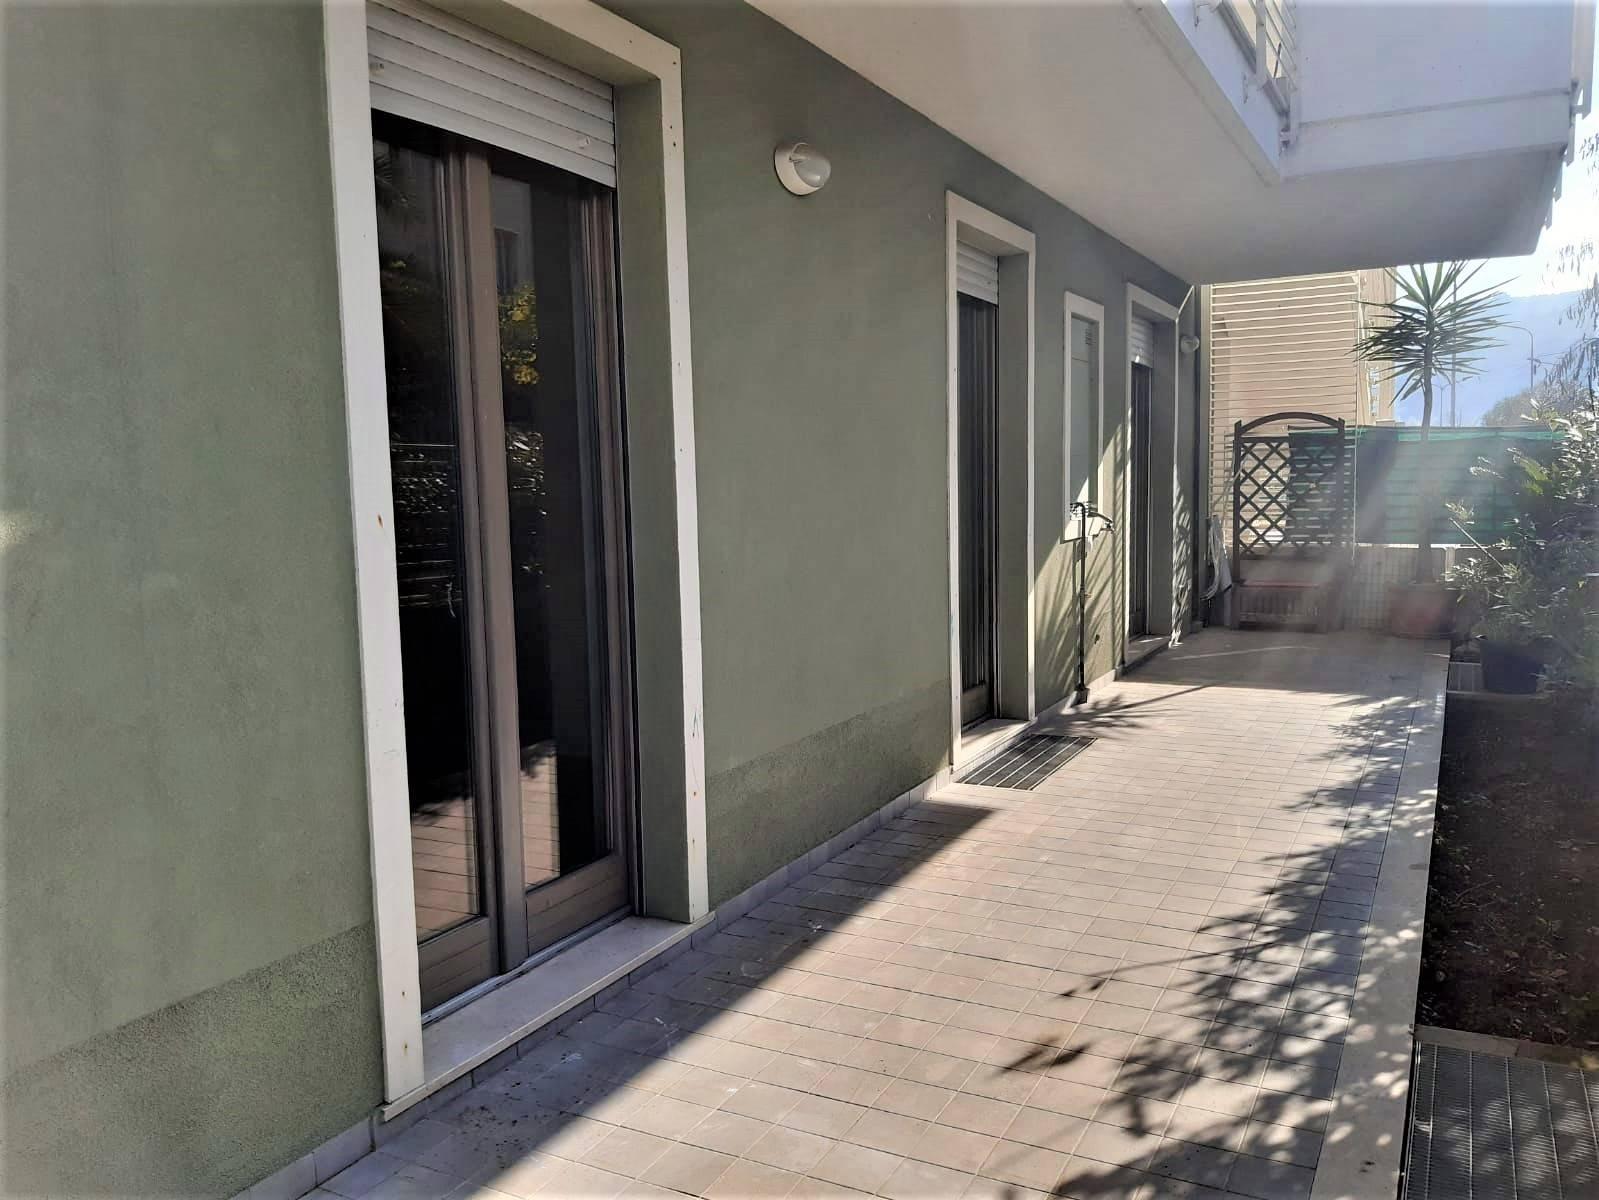 Appartamento in vendita a Grottammare, 3 locali, zona Località: ValTesino, prezzo € 155.000 | PortaleAgenzieImmobiliari.it